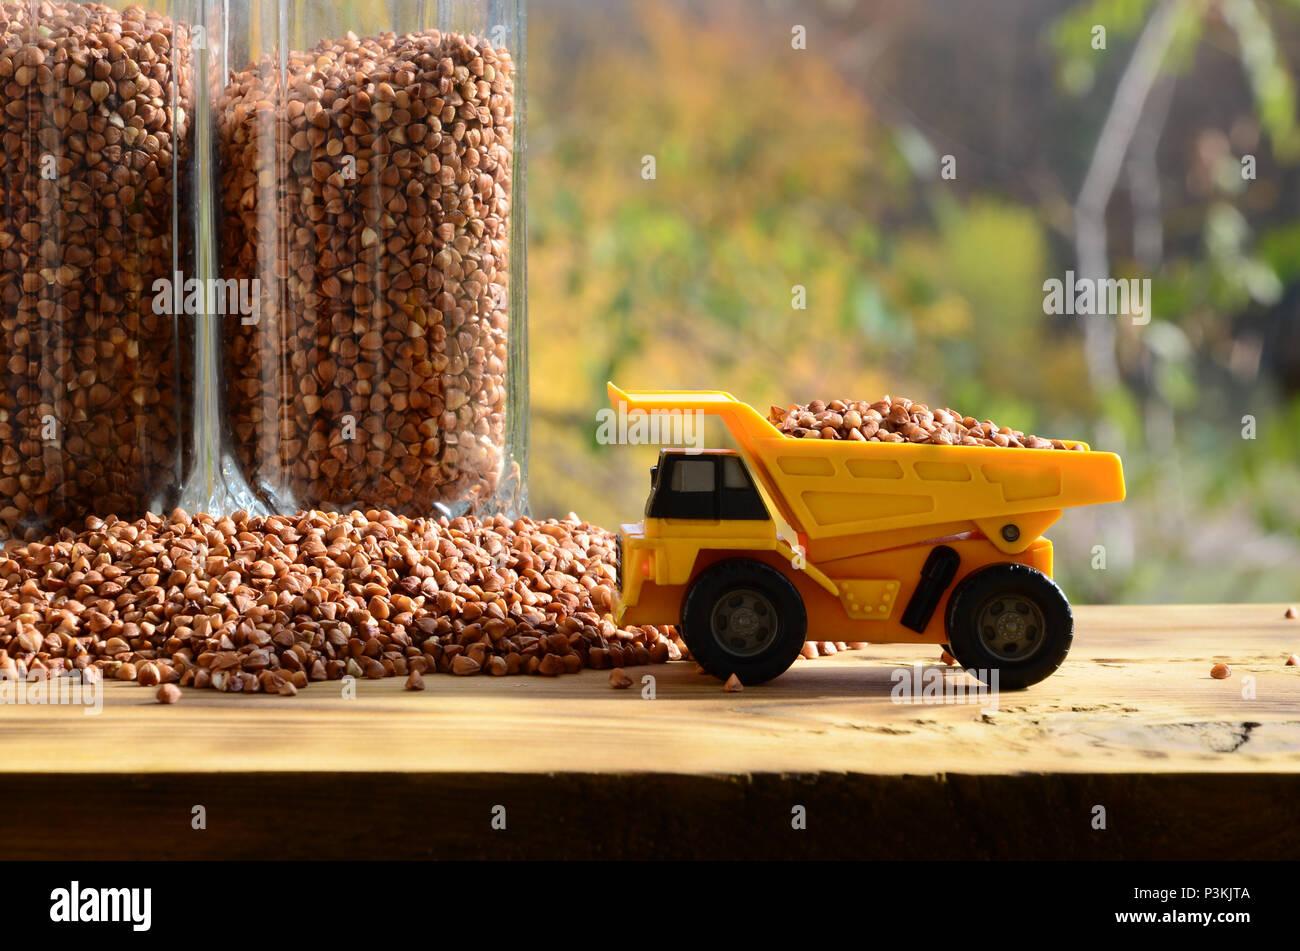 Un piccolo giocattolo giallo carrello è caricato marrone con i chicchi di grano saraceno intorno al mucchio di grano saraceno e un bicchiere della groppa. Una macchina su di una superficie di legno contro un Immagini Stock